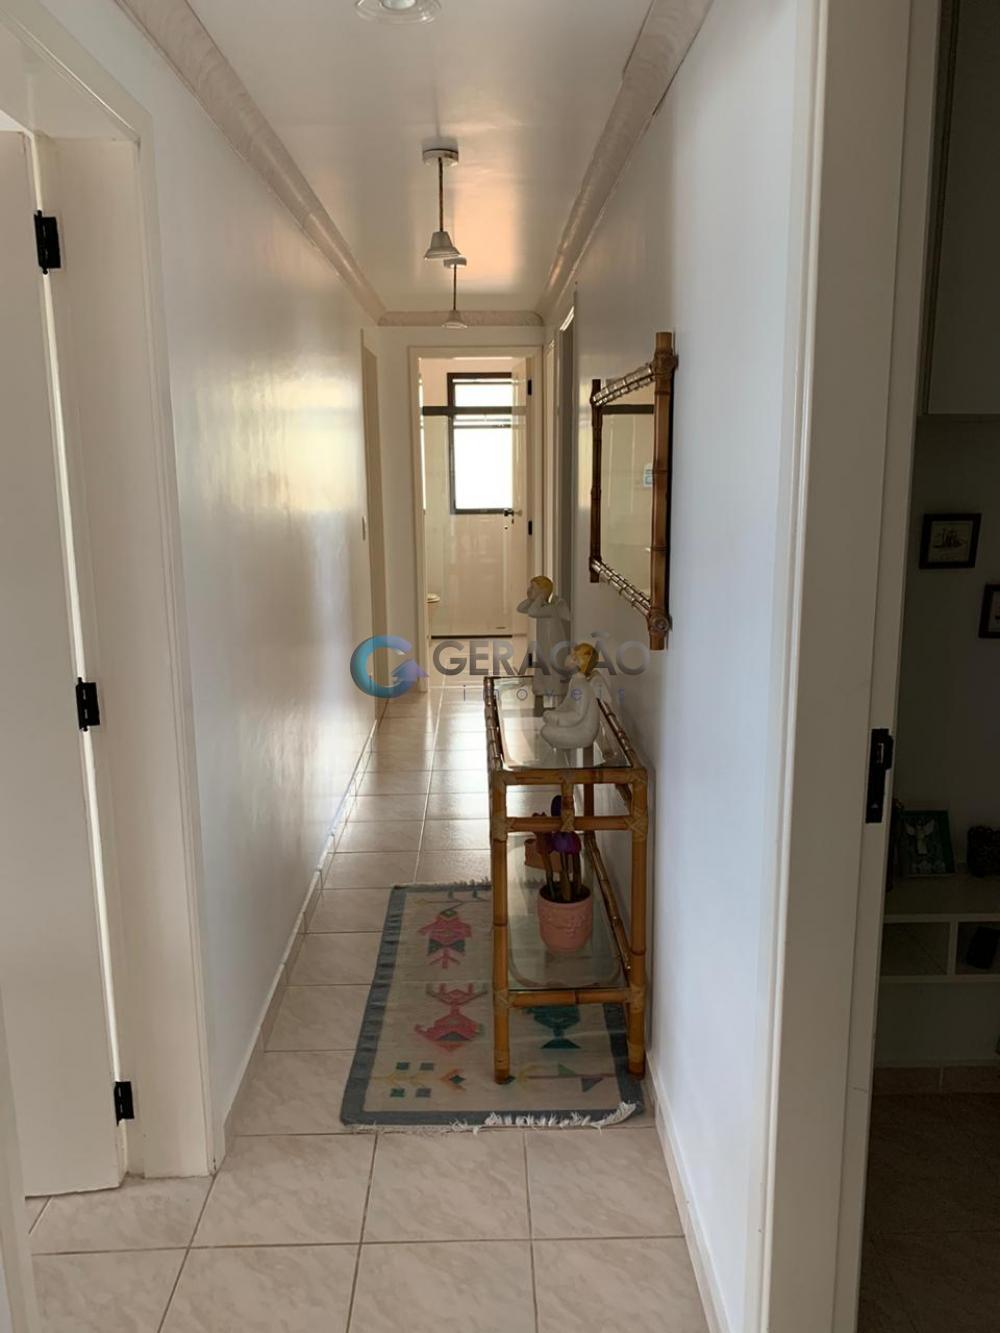 Comprar Apartamento / Padrão em Caraguatatuba R$ 1.060.000,00 - Foto 9